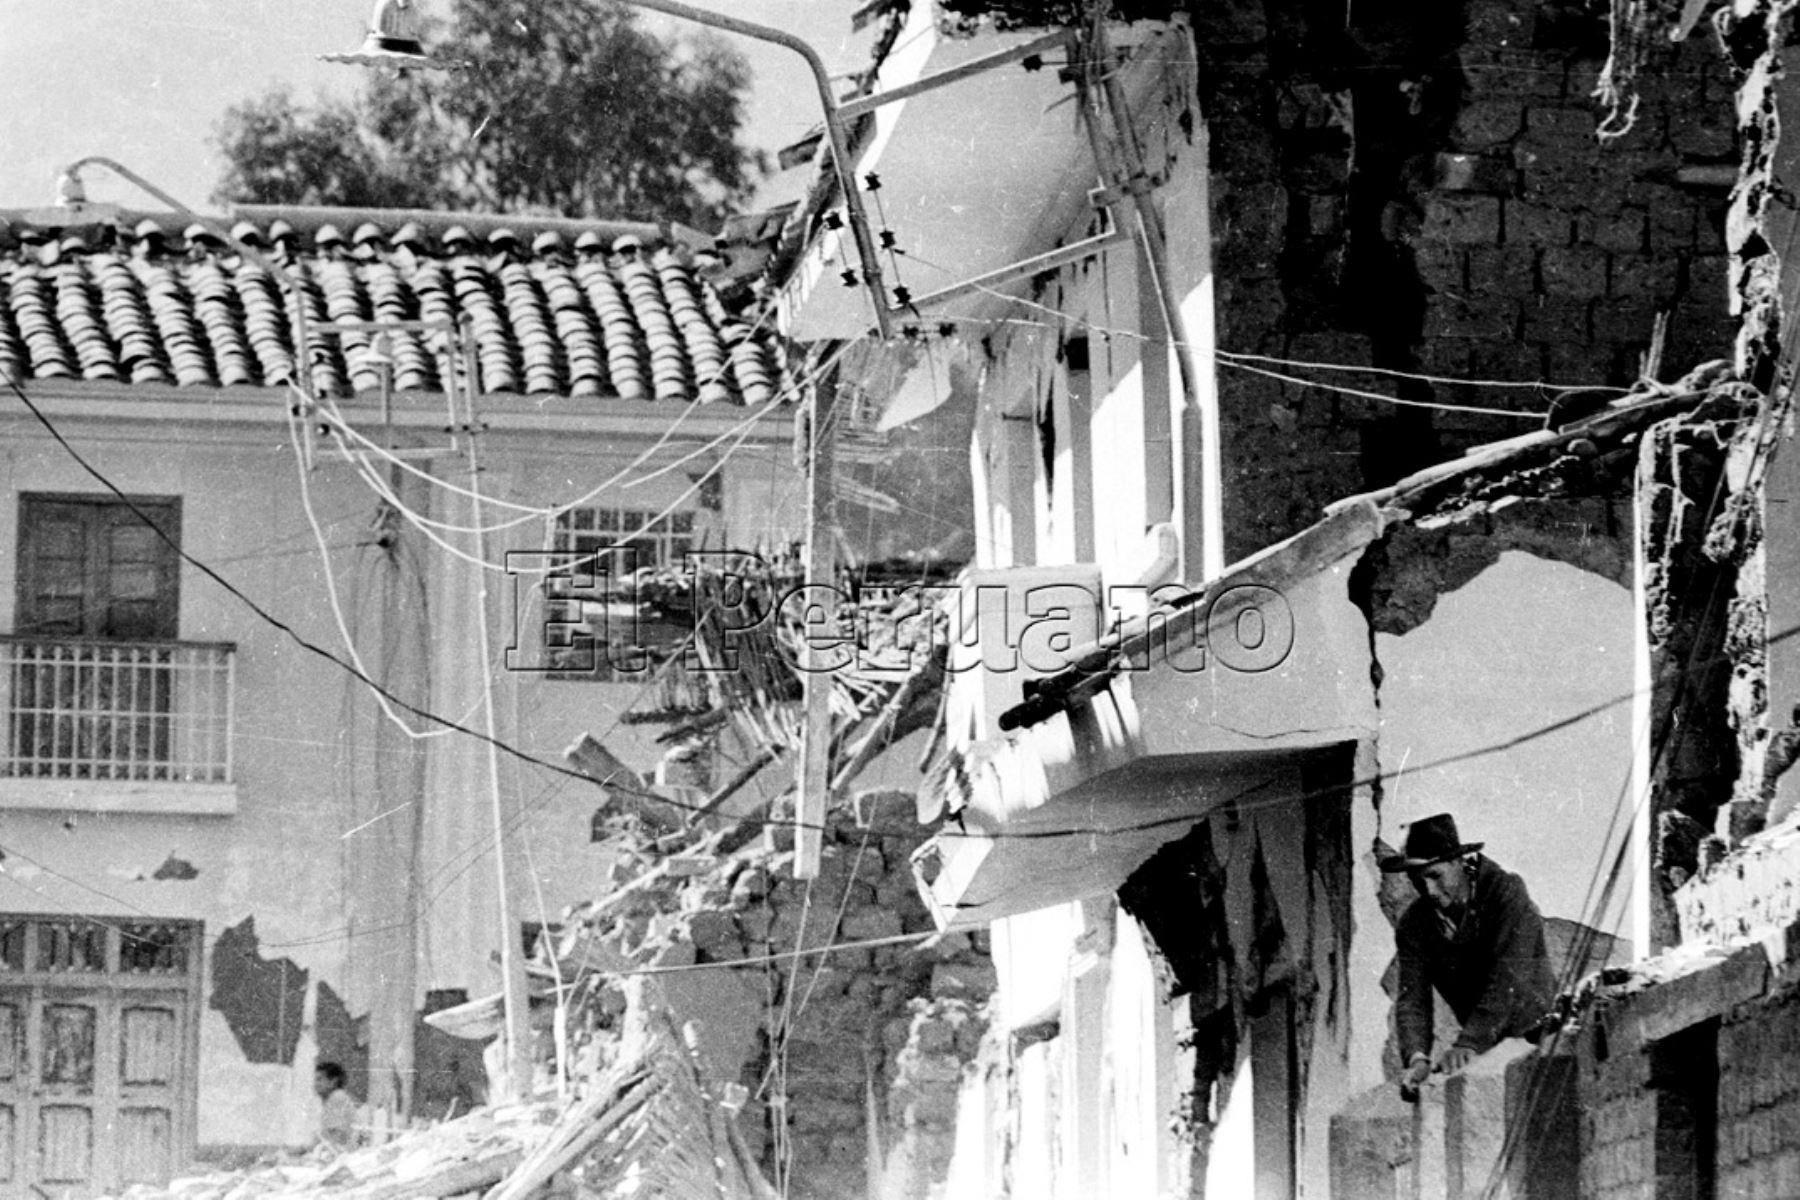 Ancash 01 jun 1970 / Terremoto de Yungay. Un damnificado asoma entre las viviendas en escombros